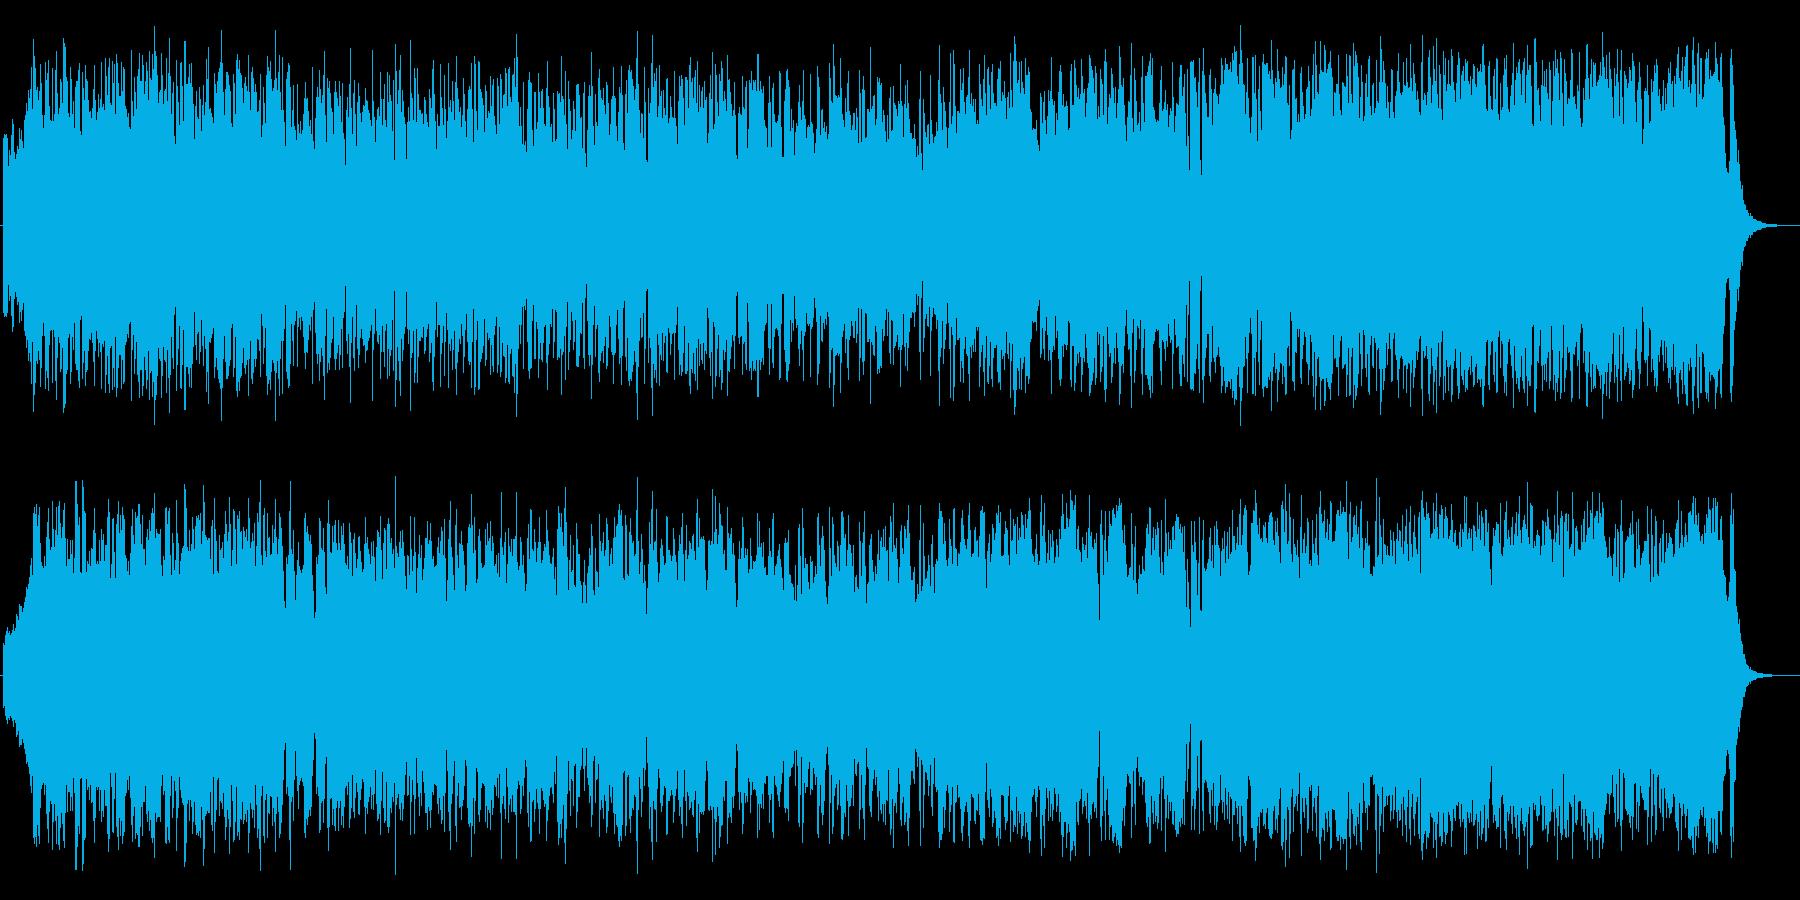 爽やかなニュース番組風オーケストラの再生済みの波形